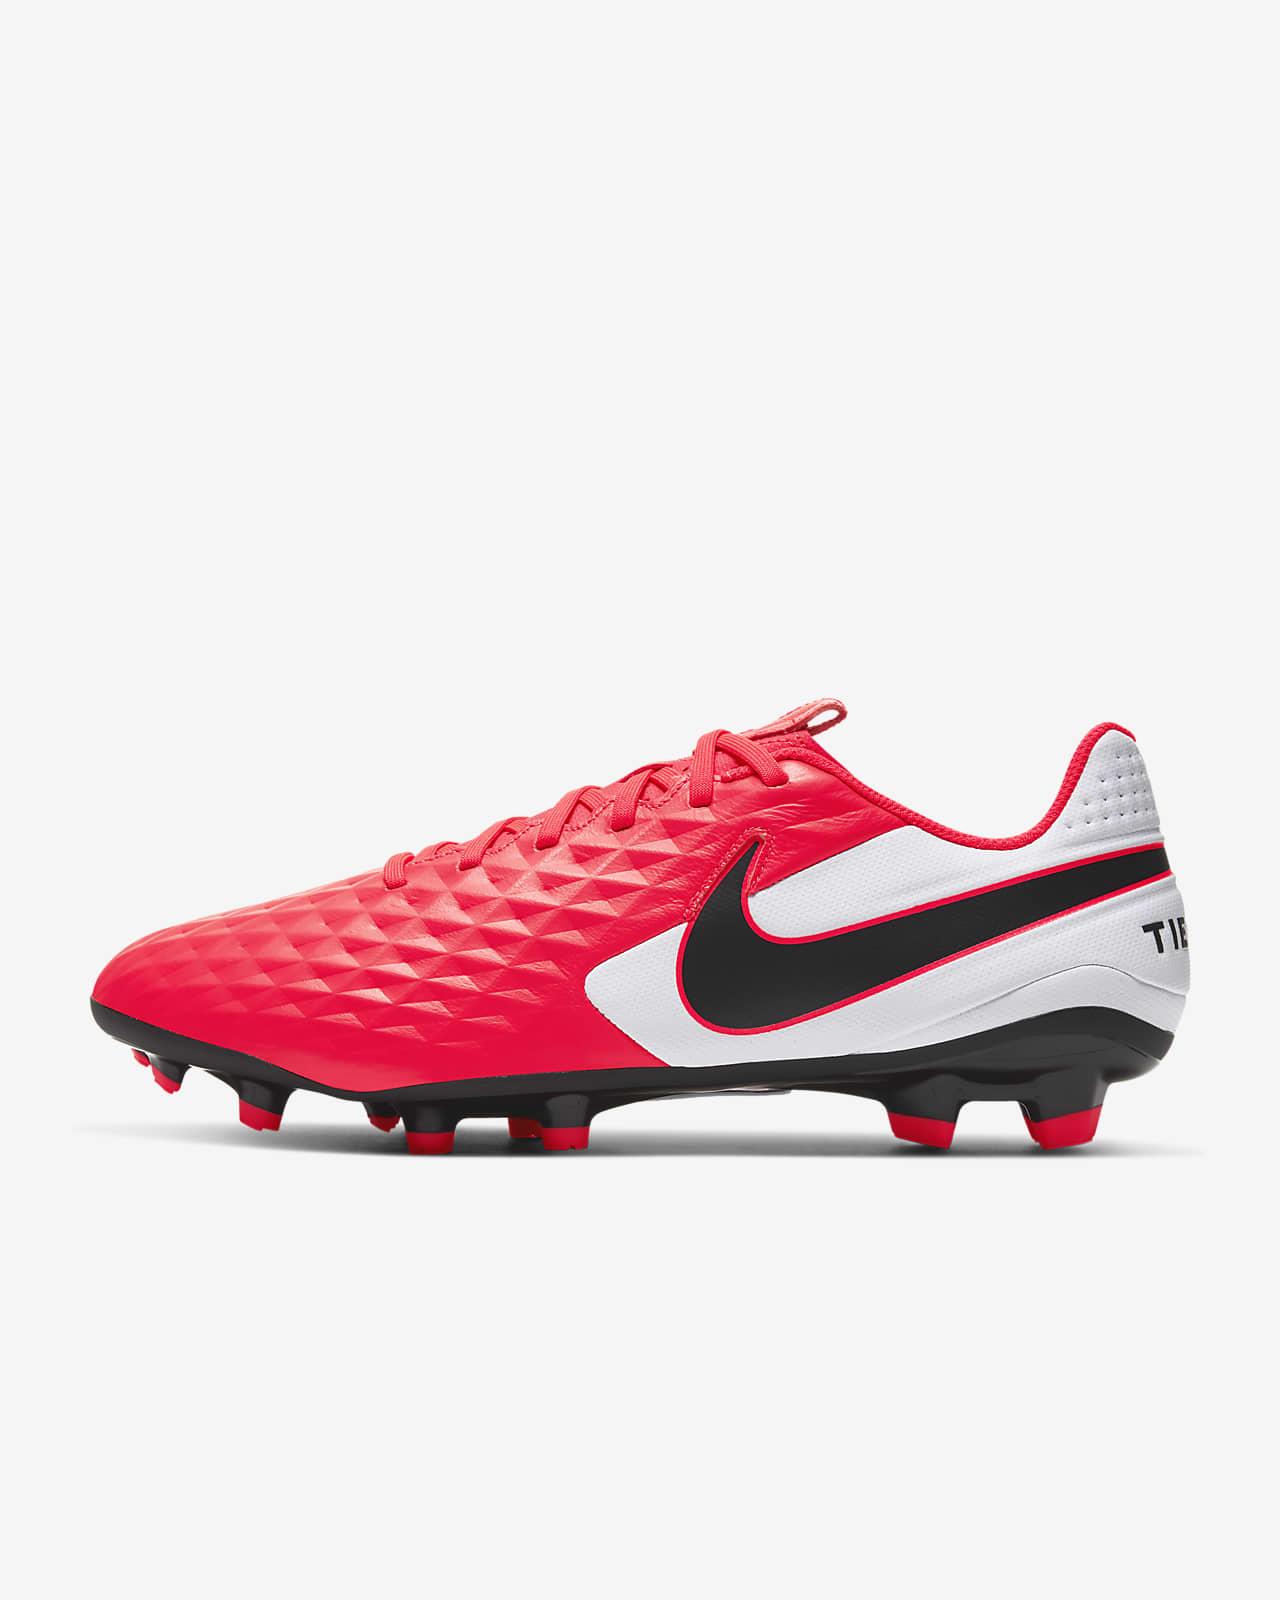 รองเท้าสตั๊ดฟุตบอลสำหรับพื้นหลายประเภท Nike Tiempo Legend 8 Academy MG